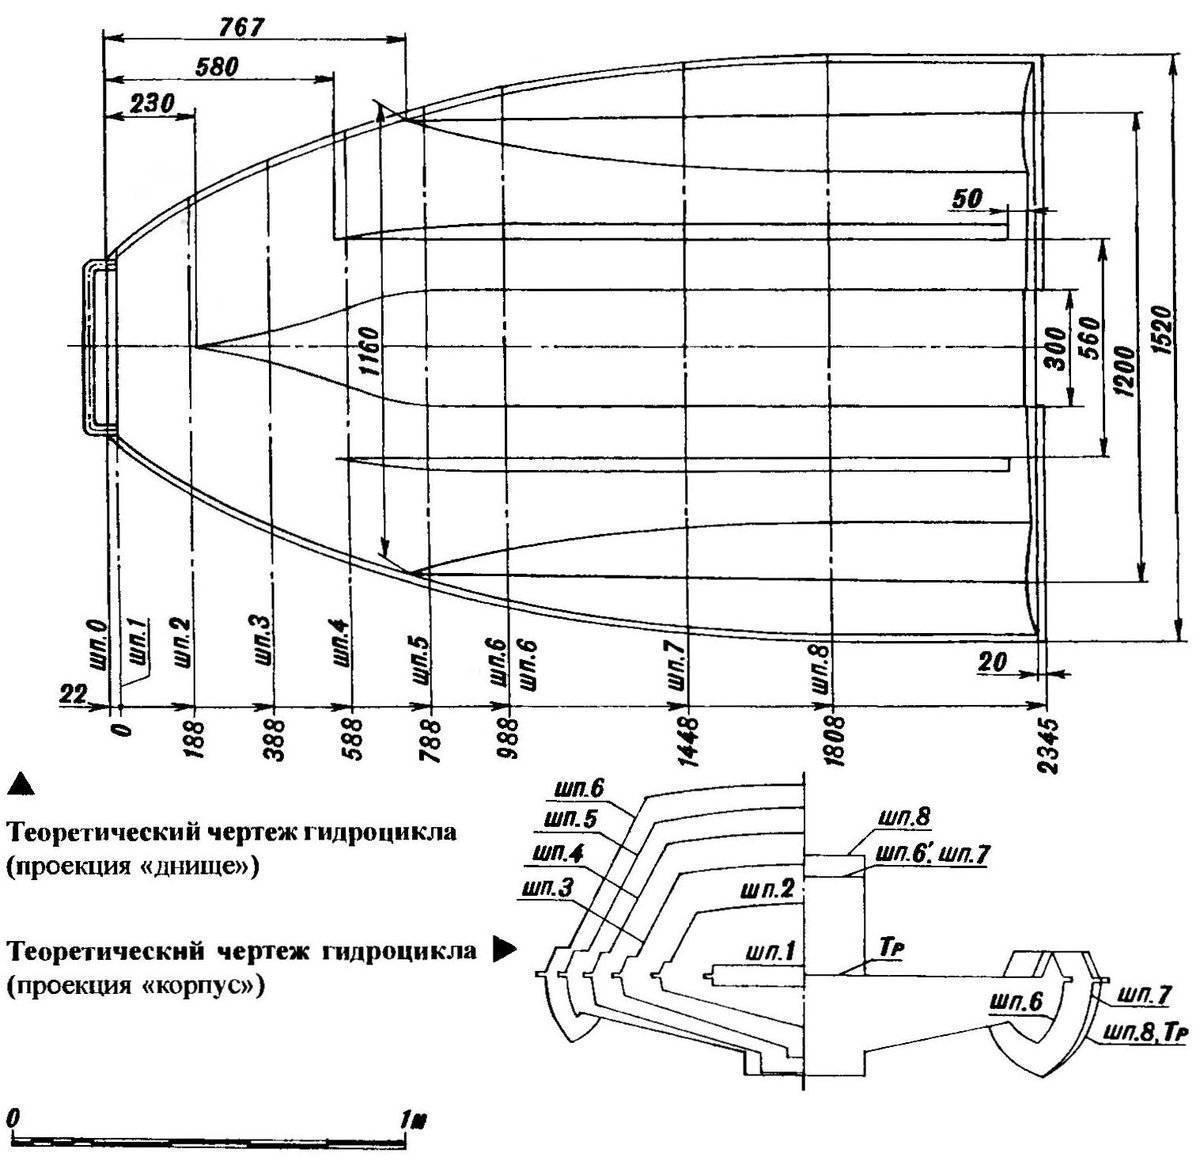 Характерные особенности подвесных водометных лодочных моторов